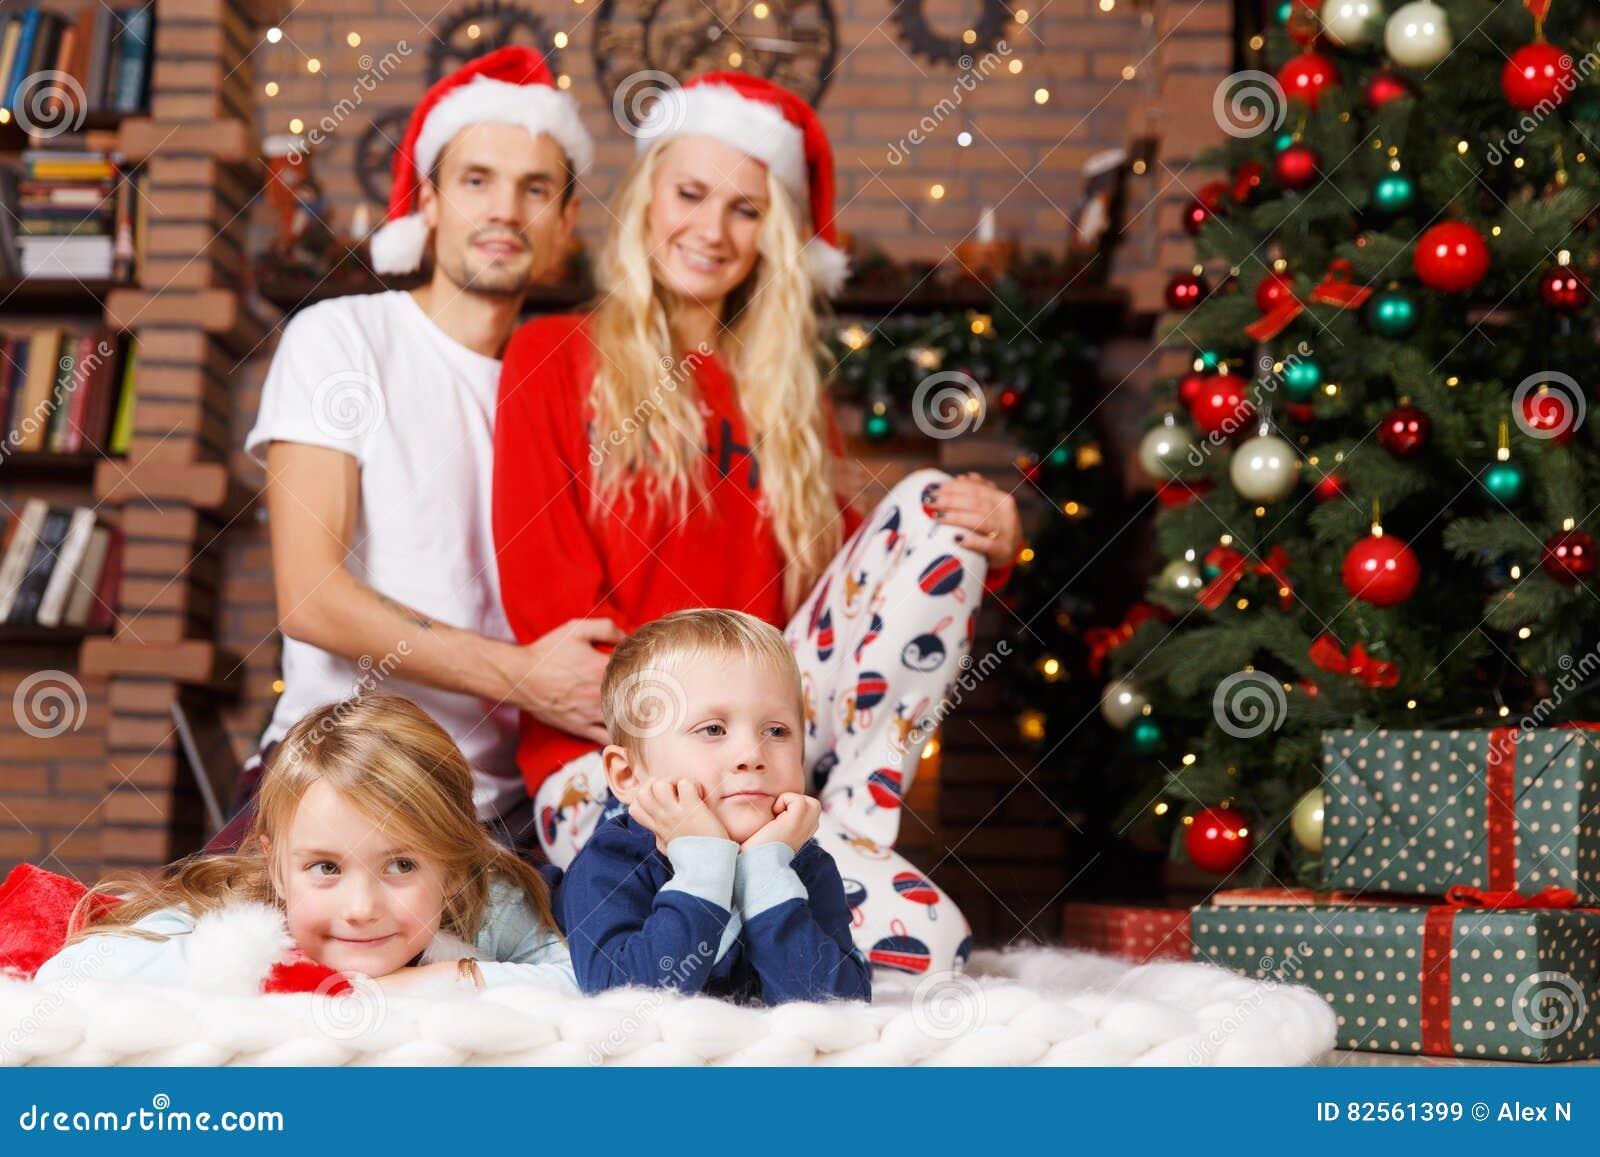 cd0ac66a0ad7fd Família Nos Pijamas No Natal Imagem de Stock - Imagem de tapete ...